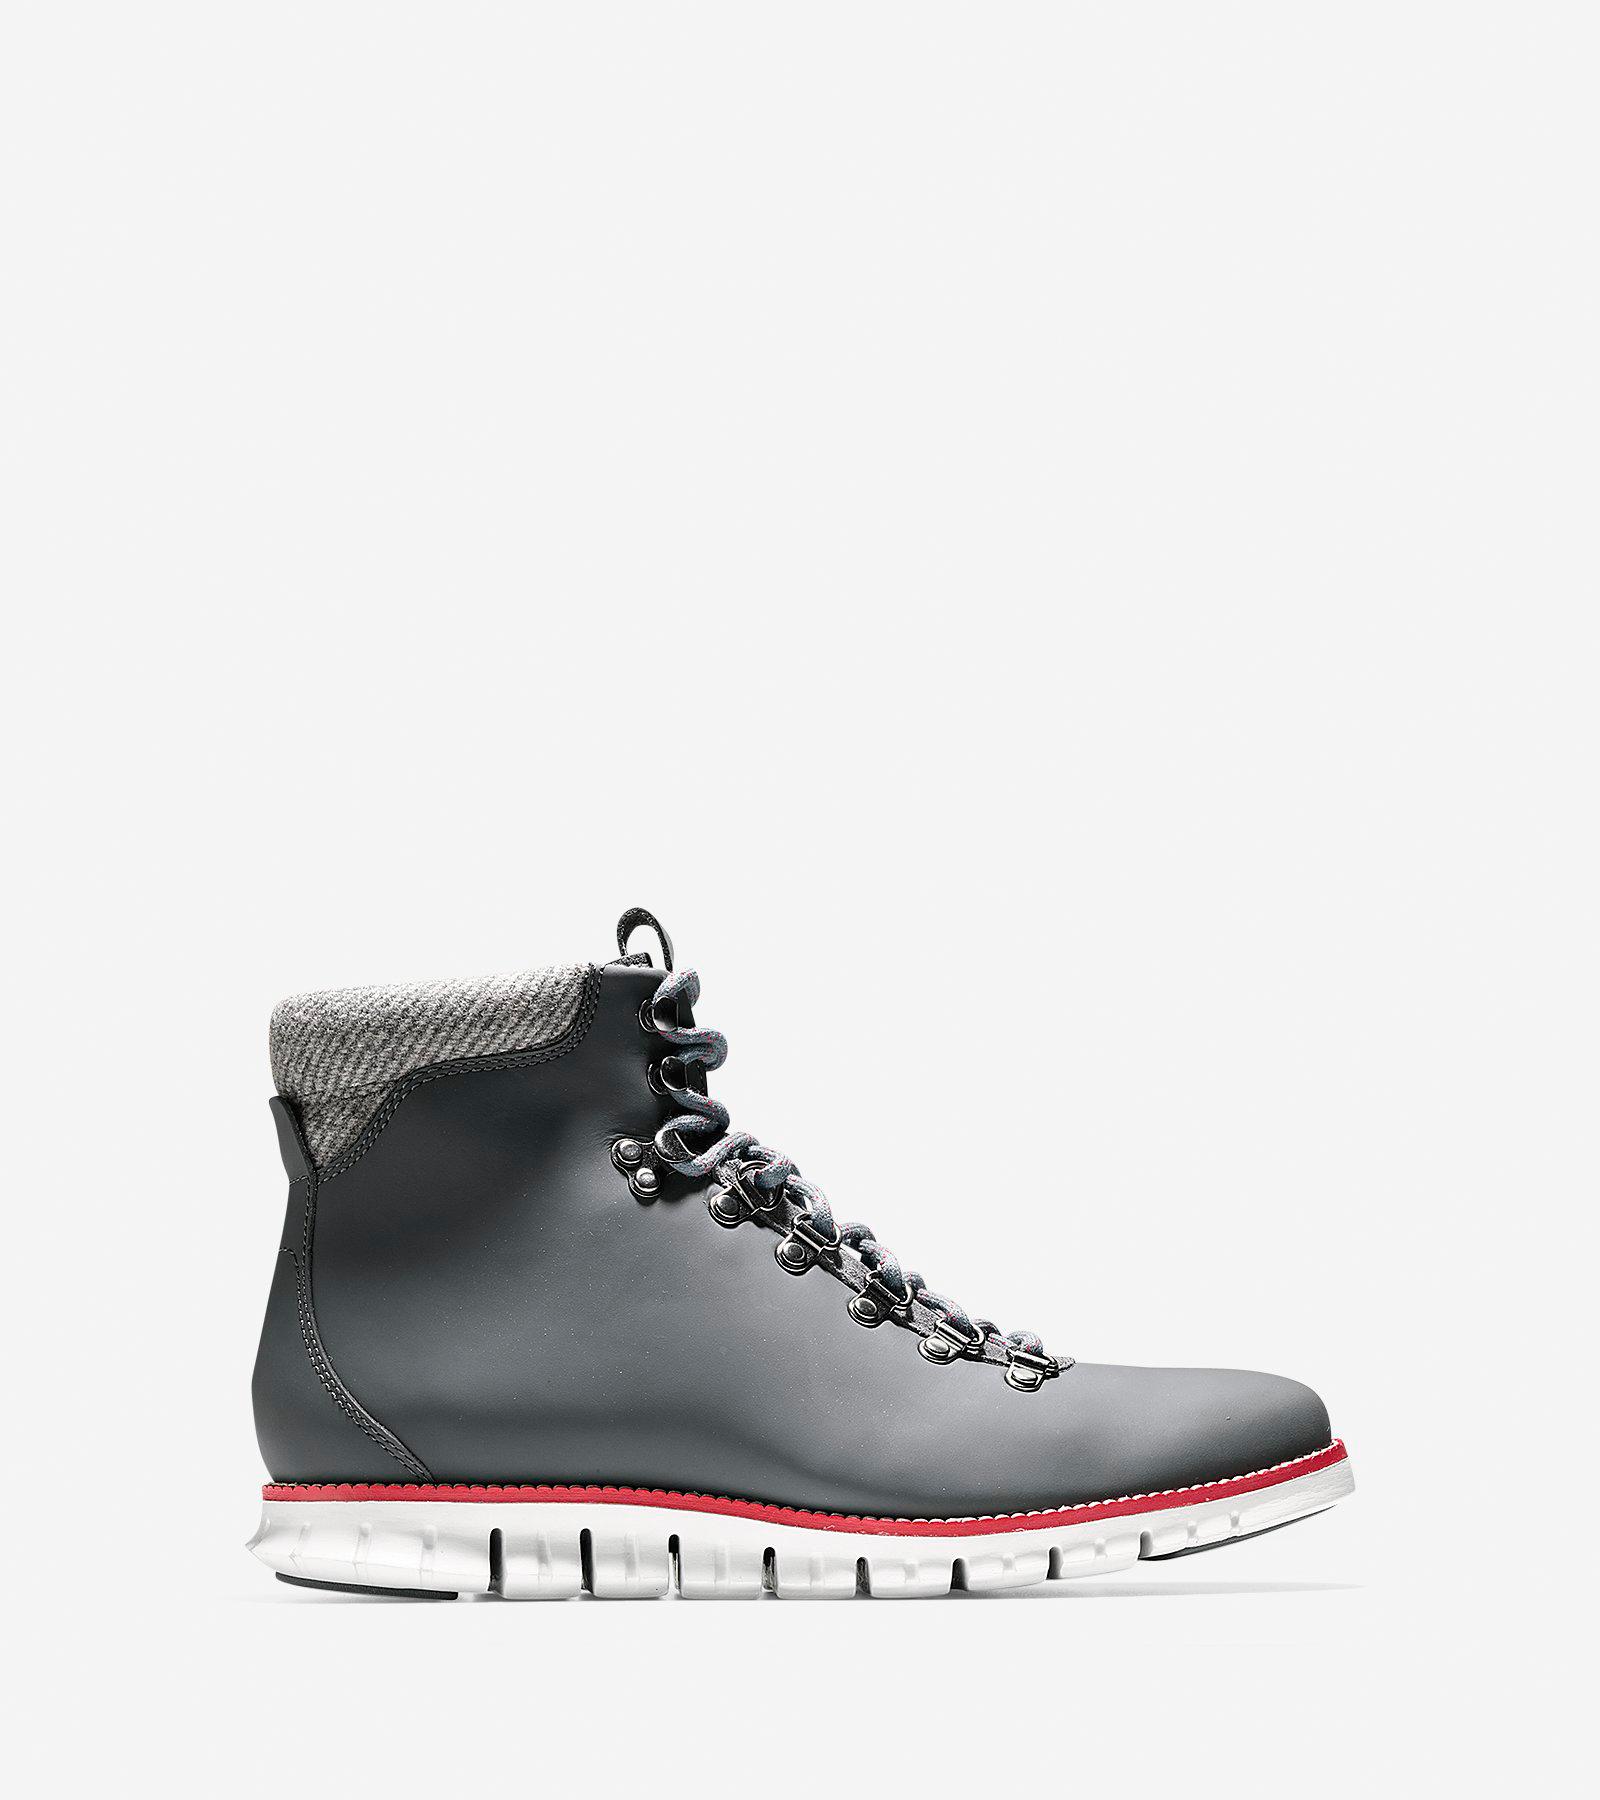 dbbffa99482 ZERØGRAND Hiker Boot